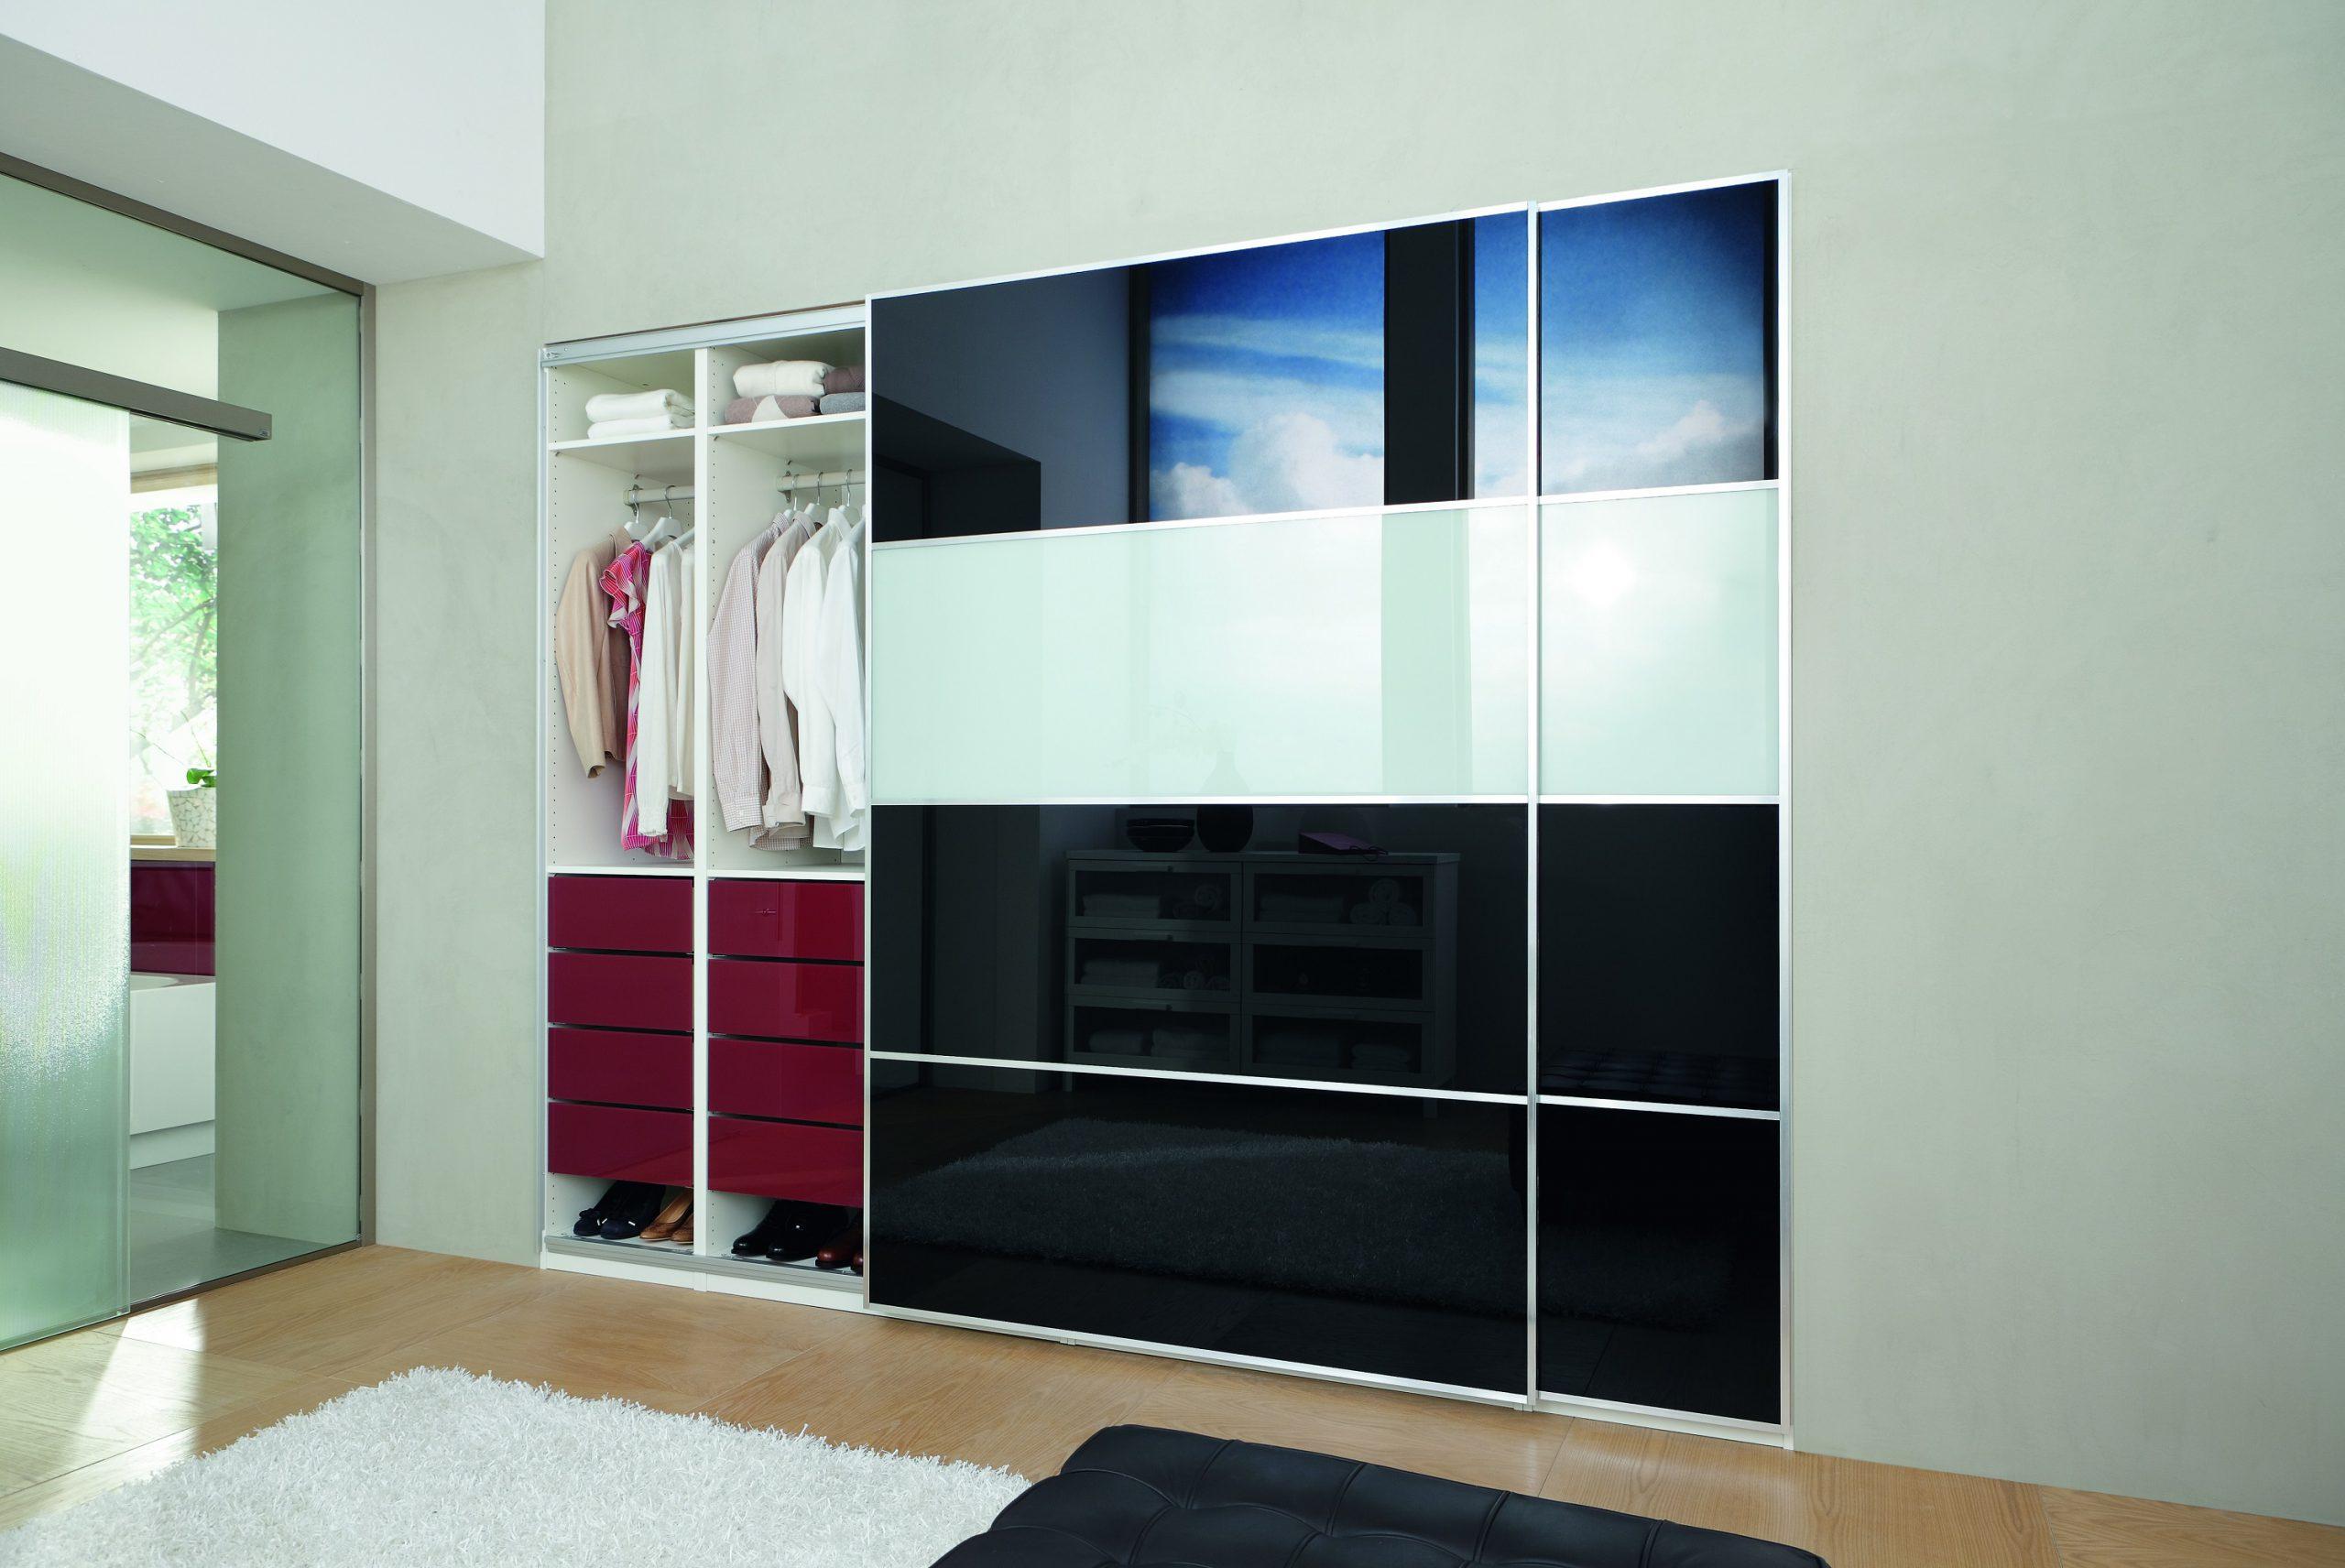 Schwarz-Weiß lackiertes Glas PLANILAQUE bildet die Front eines Kleiderschranks